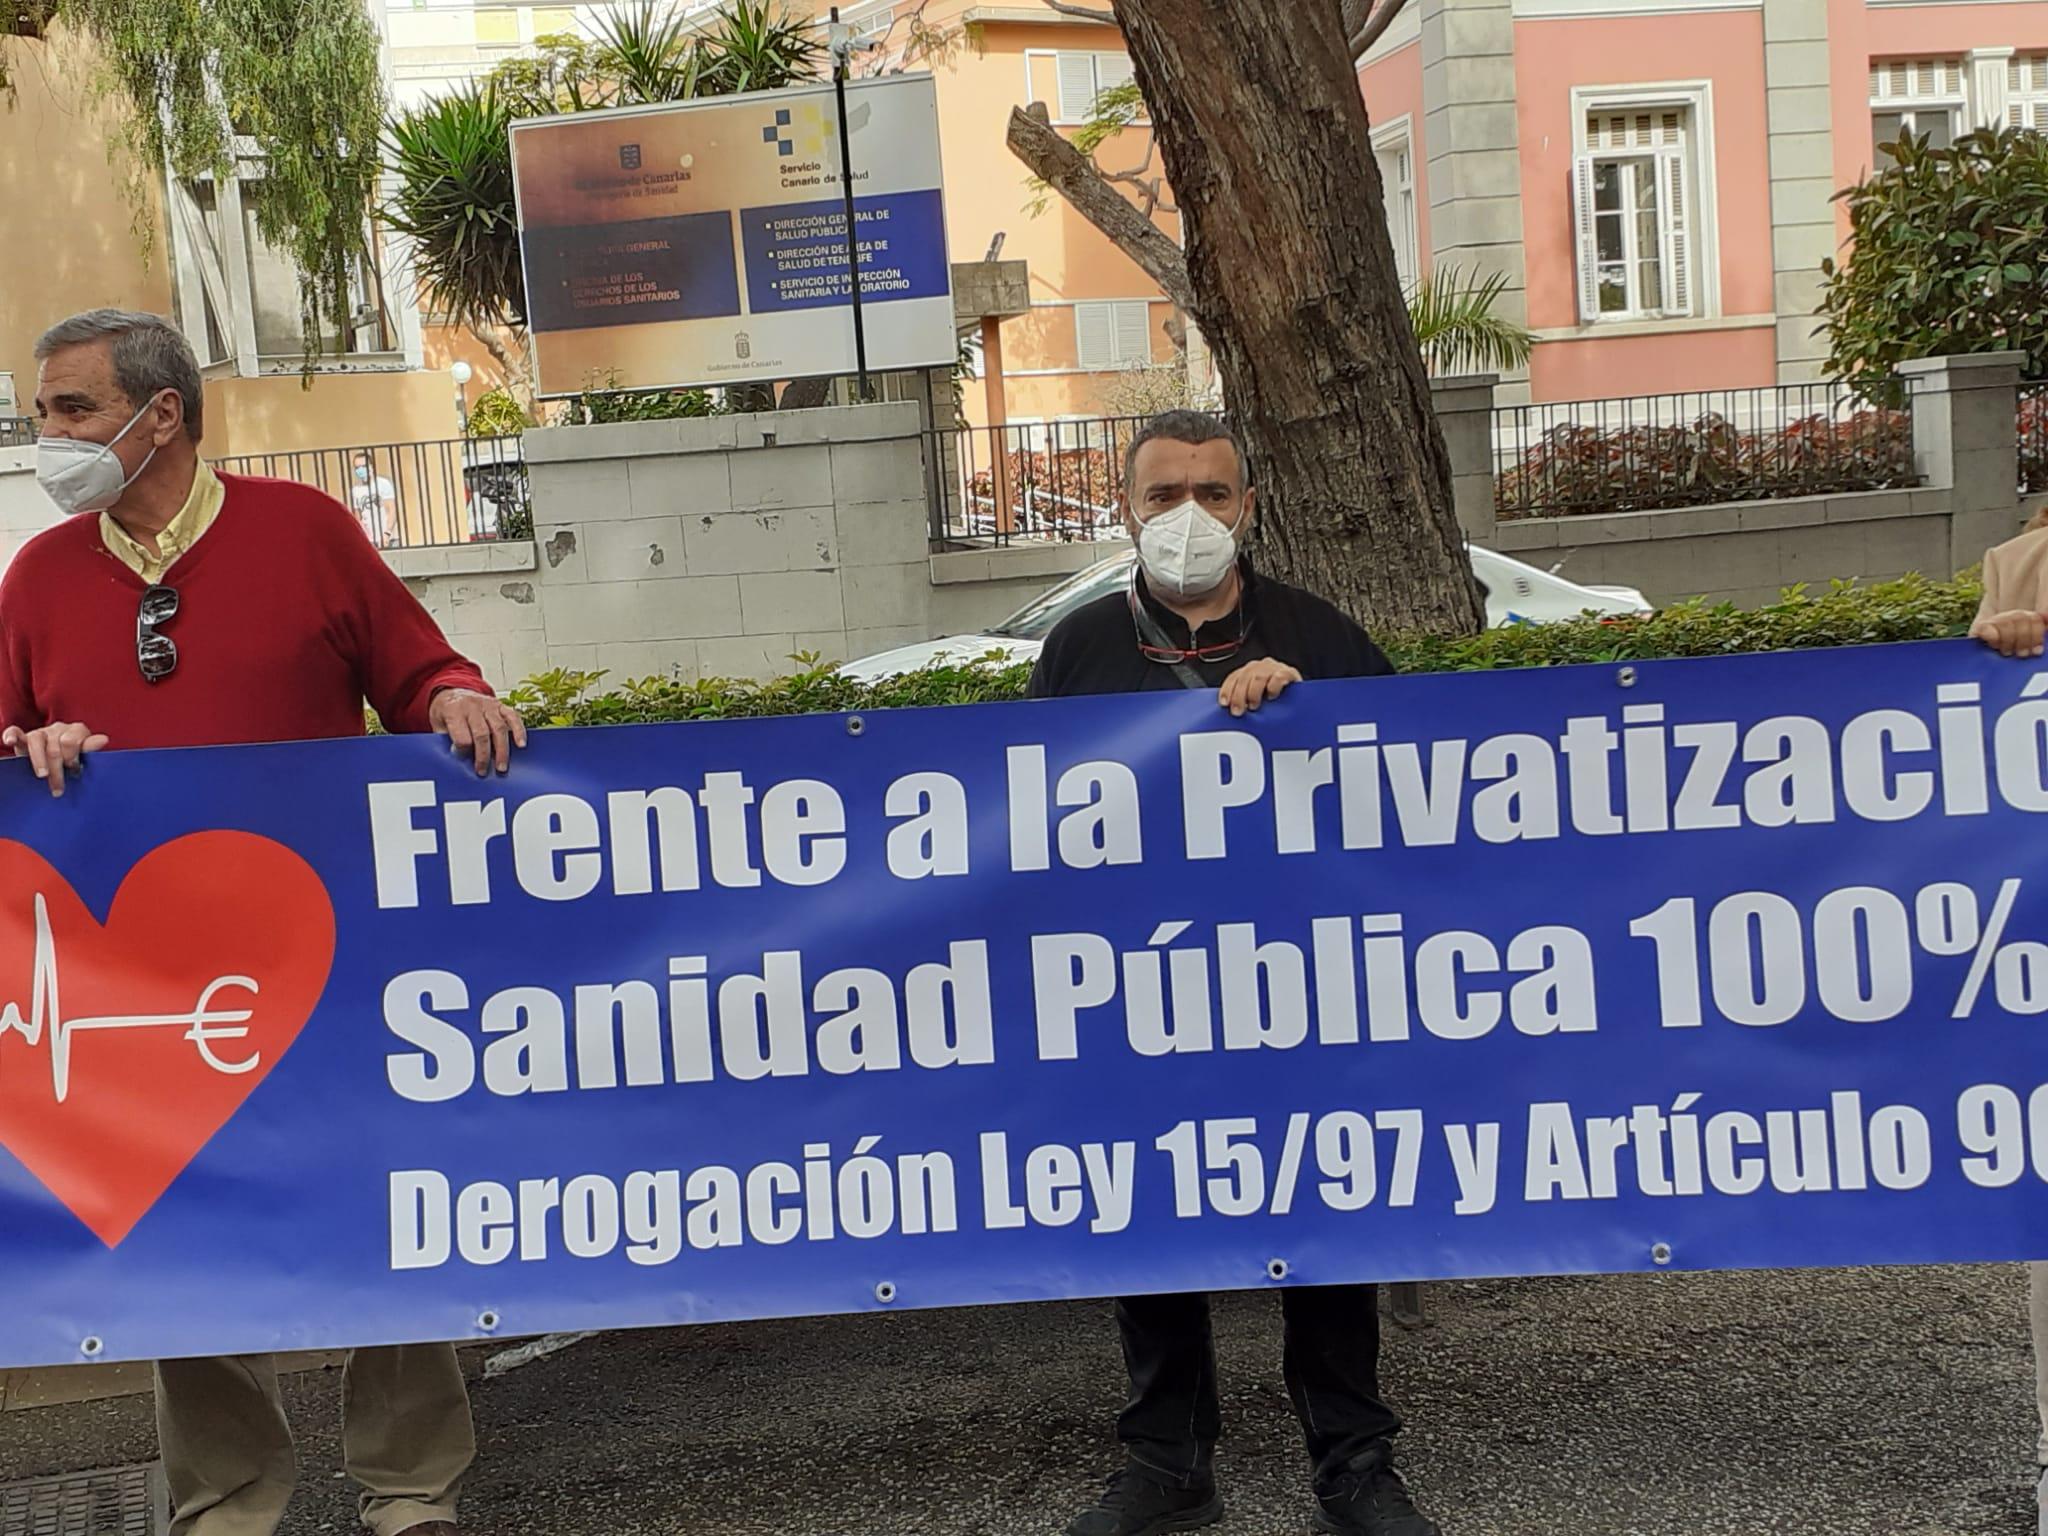 Rueda de prensa delante de la Consejería de Sanidad de Canariasv25/02/2021 Fuente propia